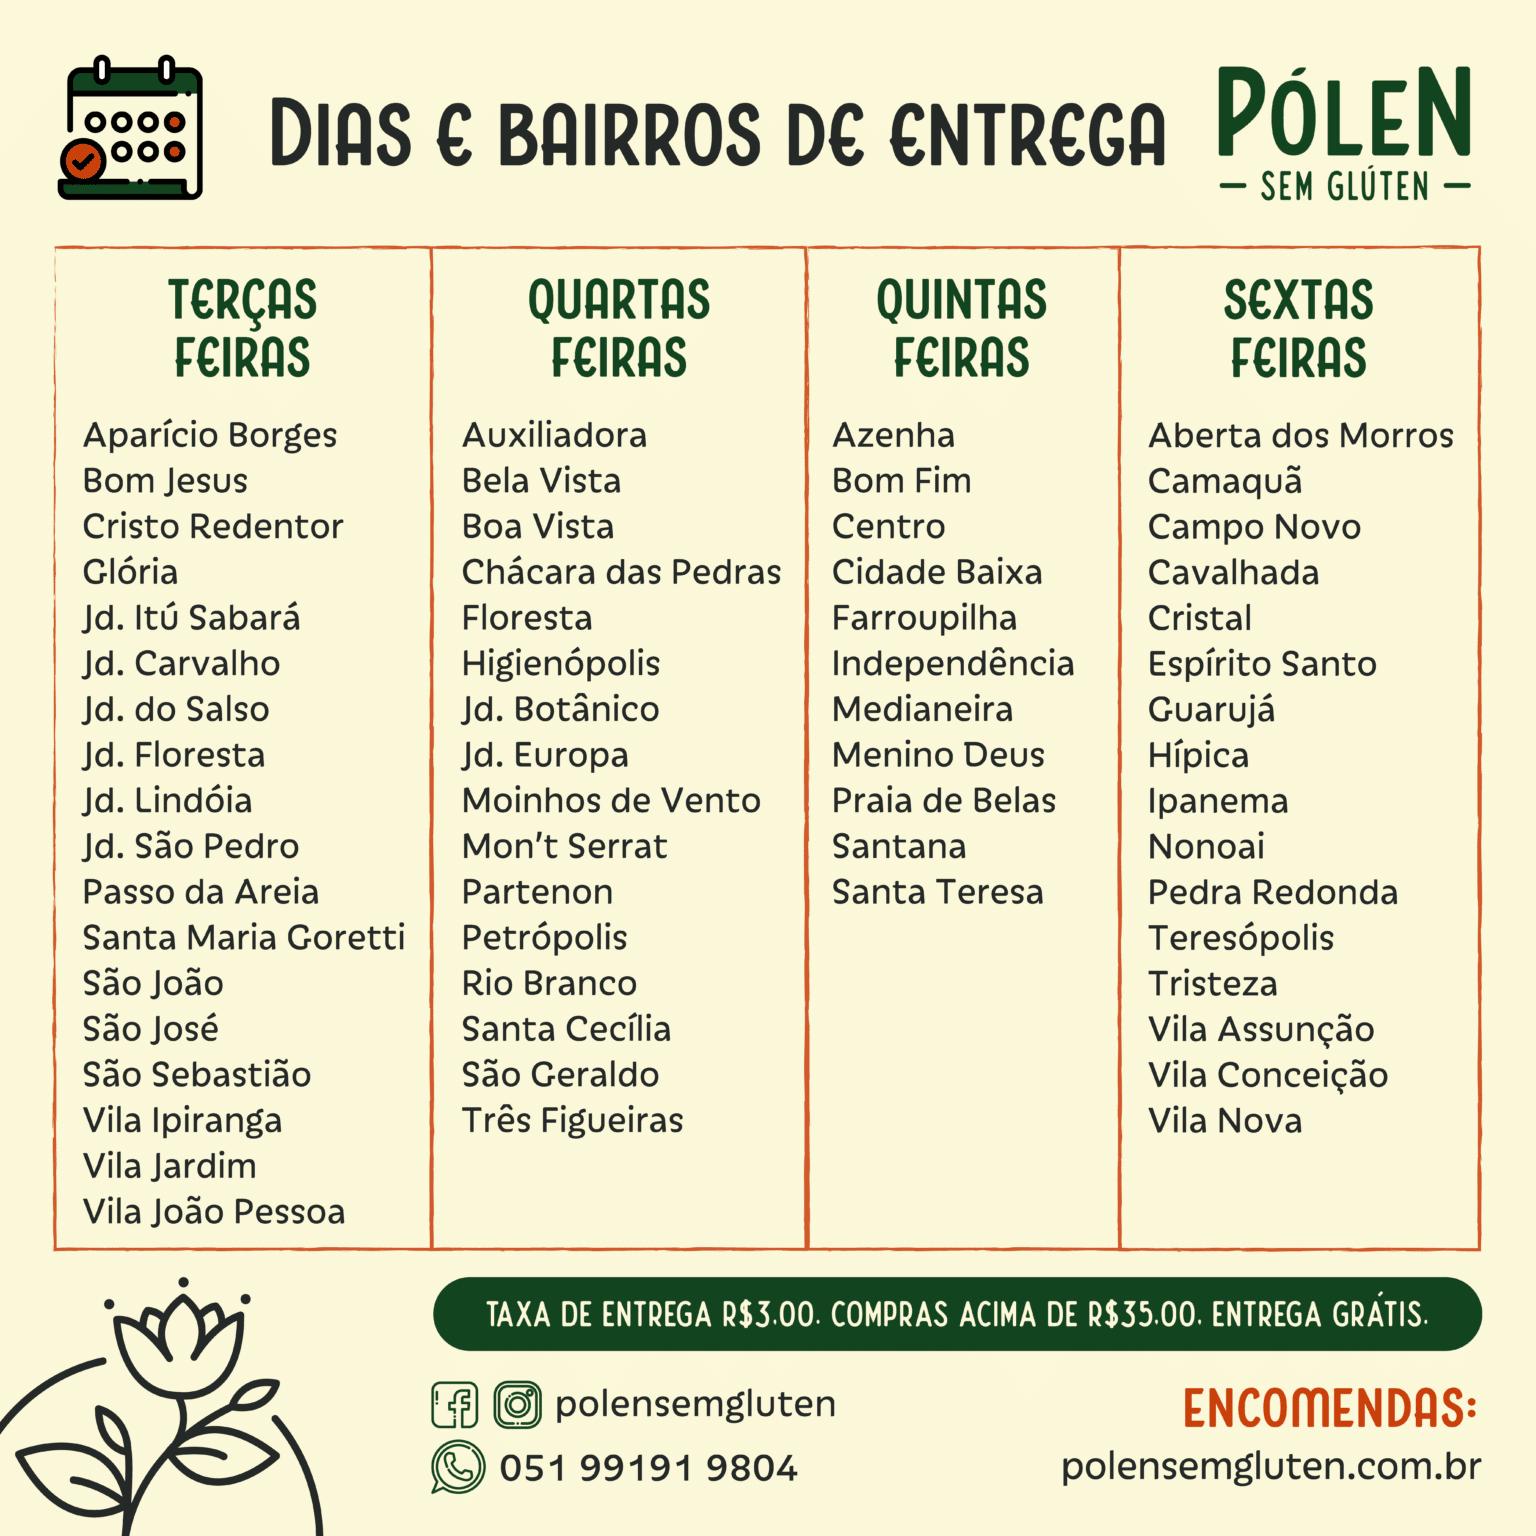 Dias e bairros de entrega Pólen sem glúten Porto Alegre